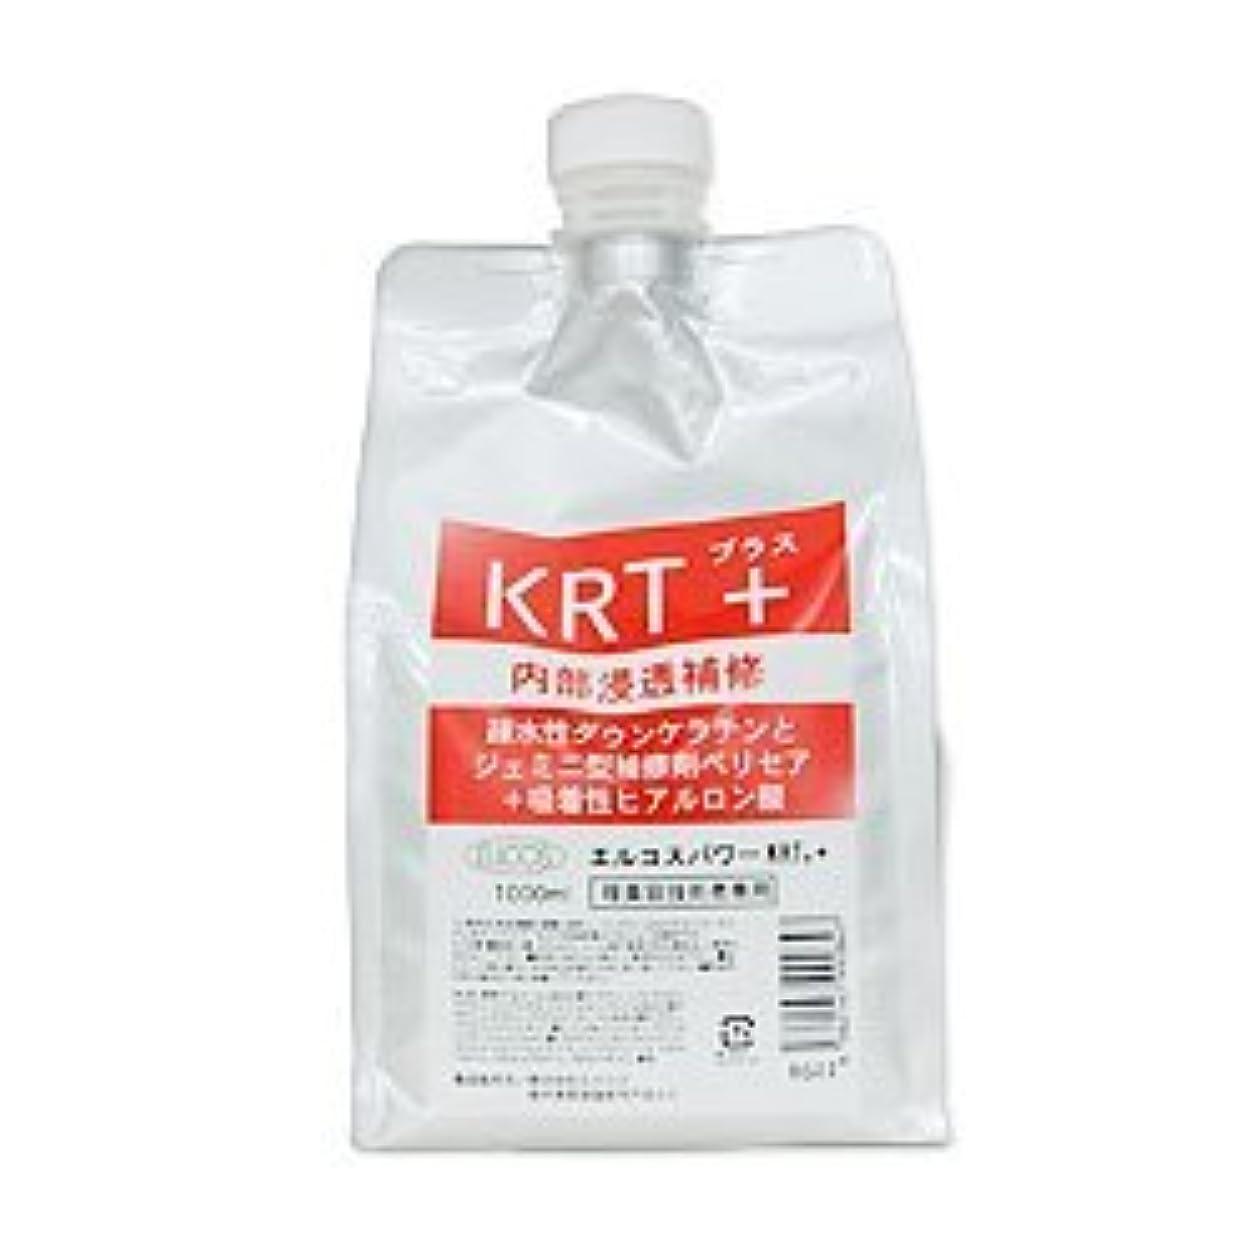 裏切り者民族主義説明エルコス パワー KRT+ 1000ml(詰替用)(トリートメント)